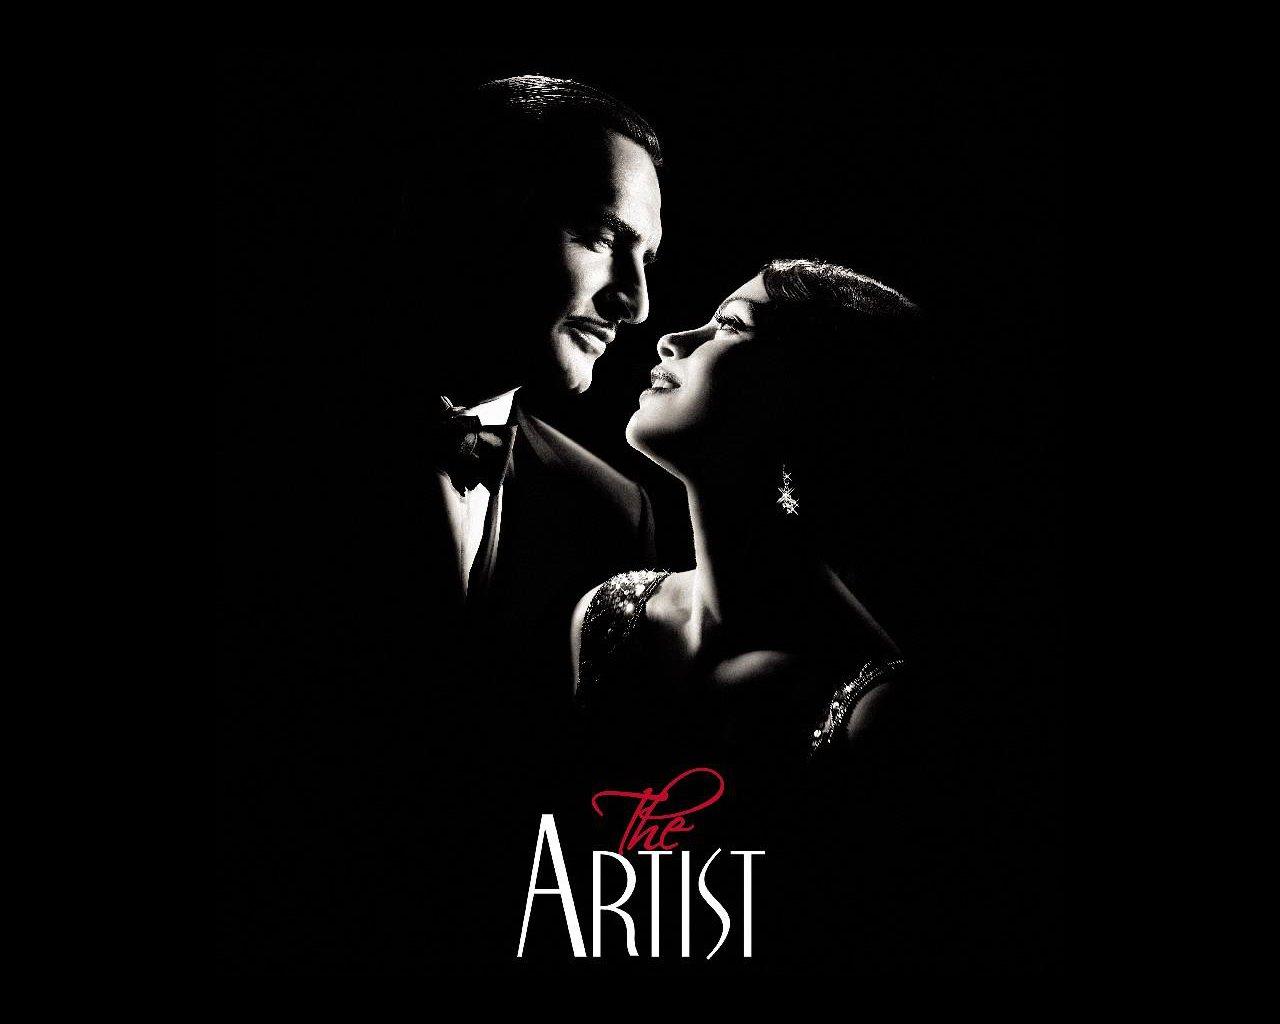 http://1.bp.blogspot.com/-CKyAXiNUIz0/TysohKzIfmI/AAAAAAAAAww/-wvpMG-eoq8/s1600/The-Artist-Wallpaper-01.jpg